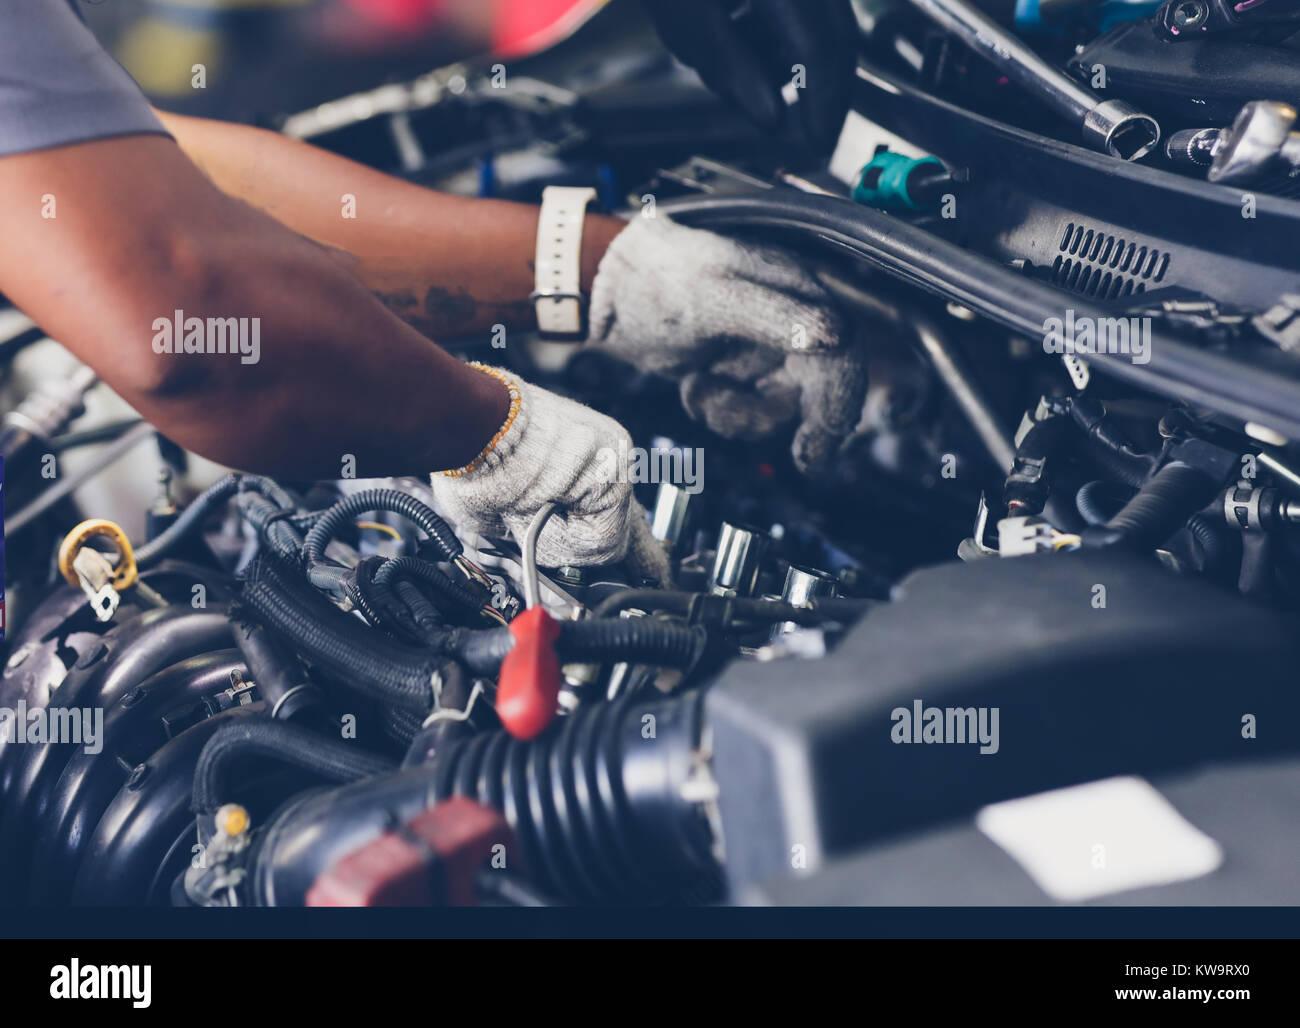 Hände von automechaniker Reparatur Auto. Selektive konzentrieren. Stockbild